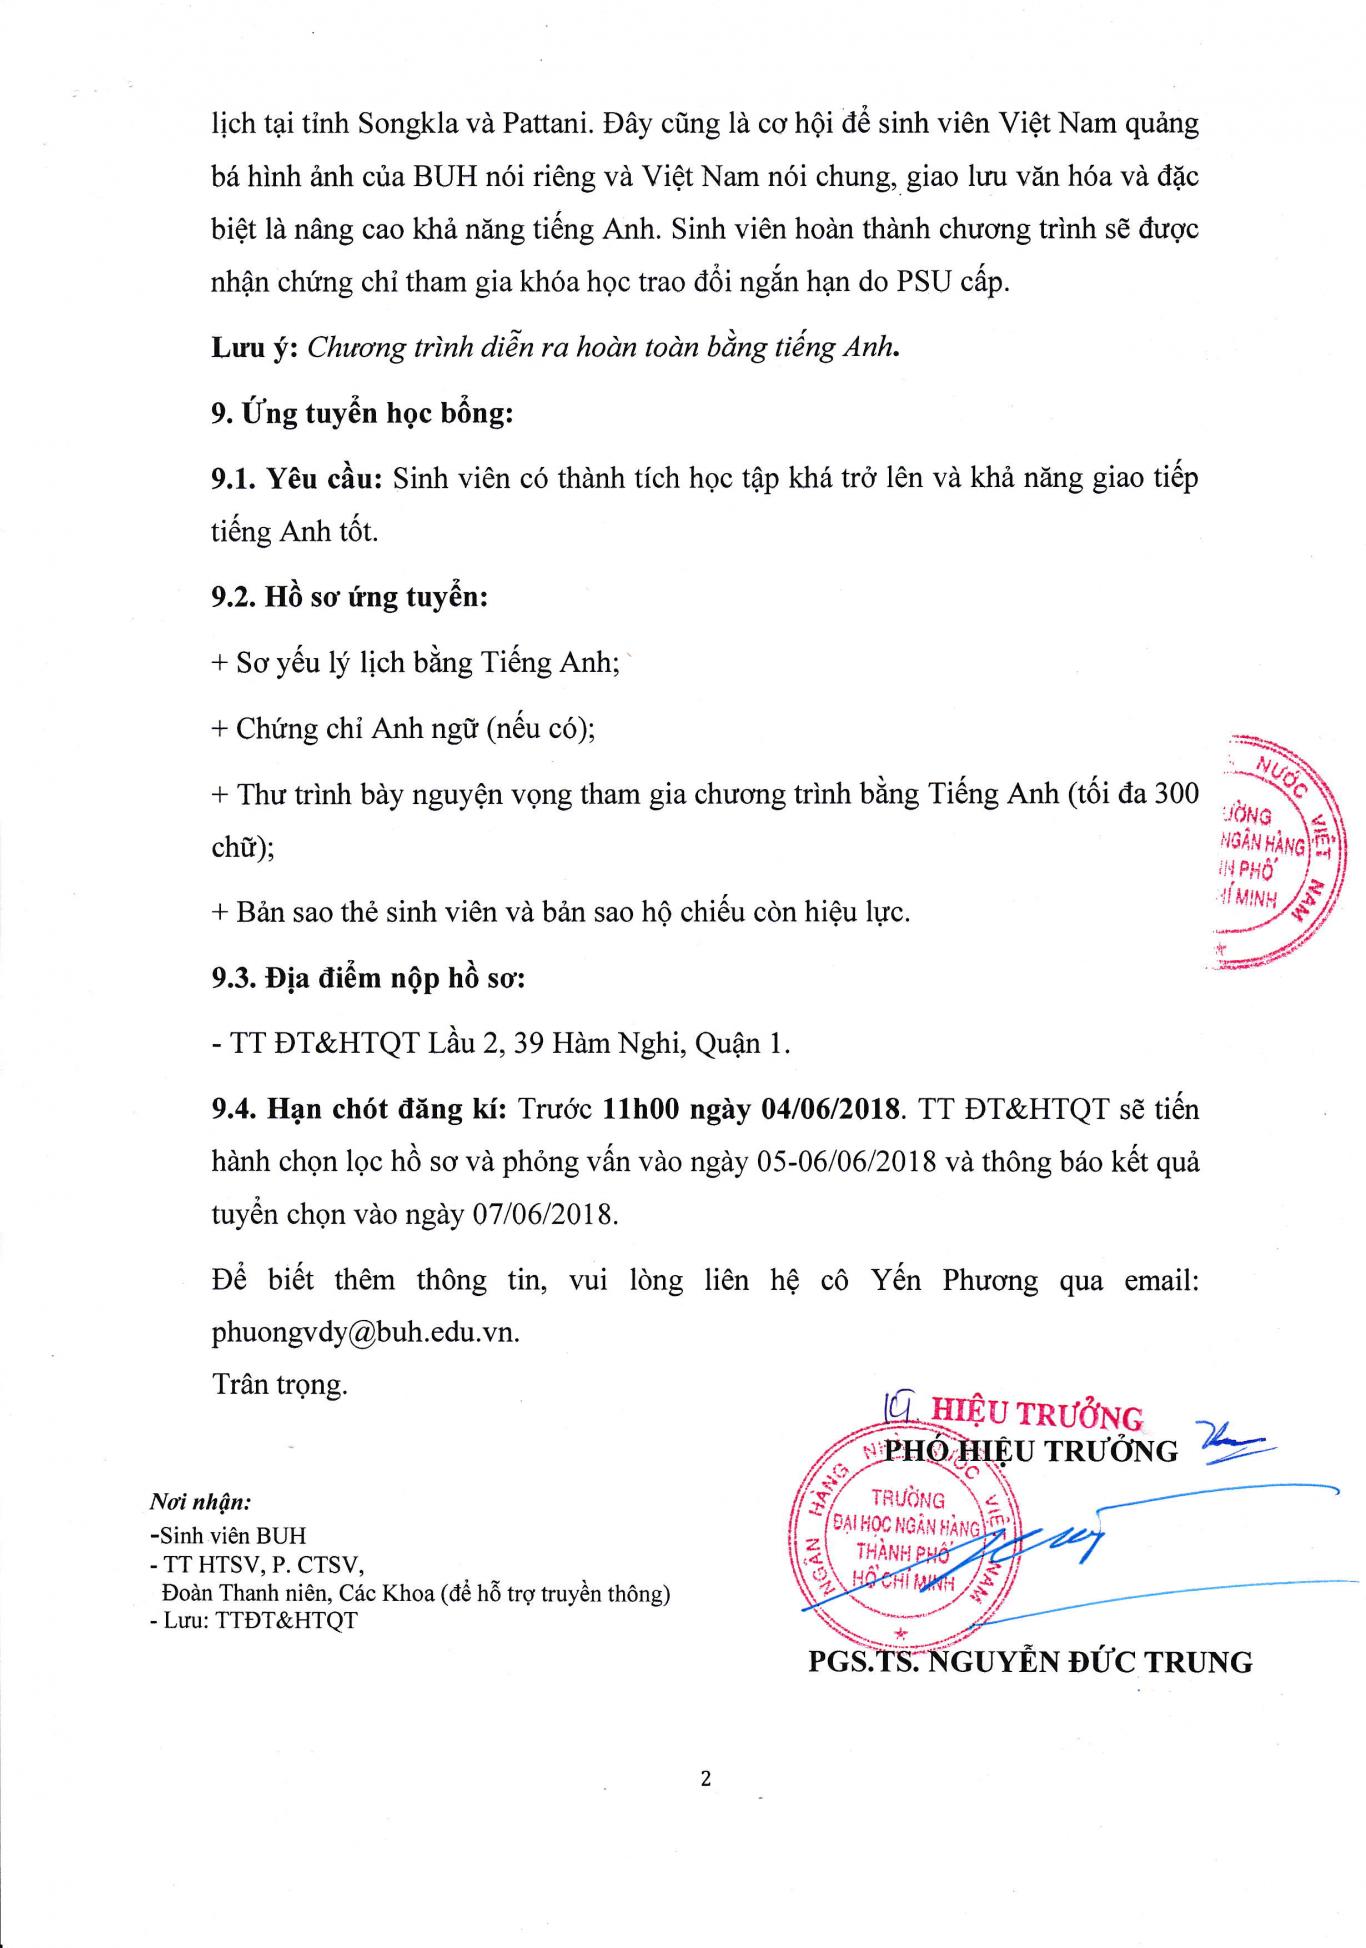 Thong bao hoc bong ngan han tai Thai Lan_Page_2